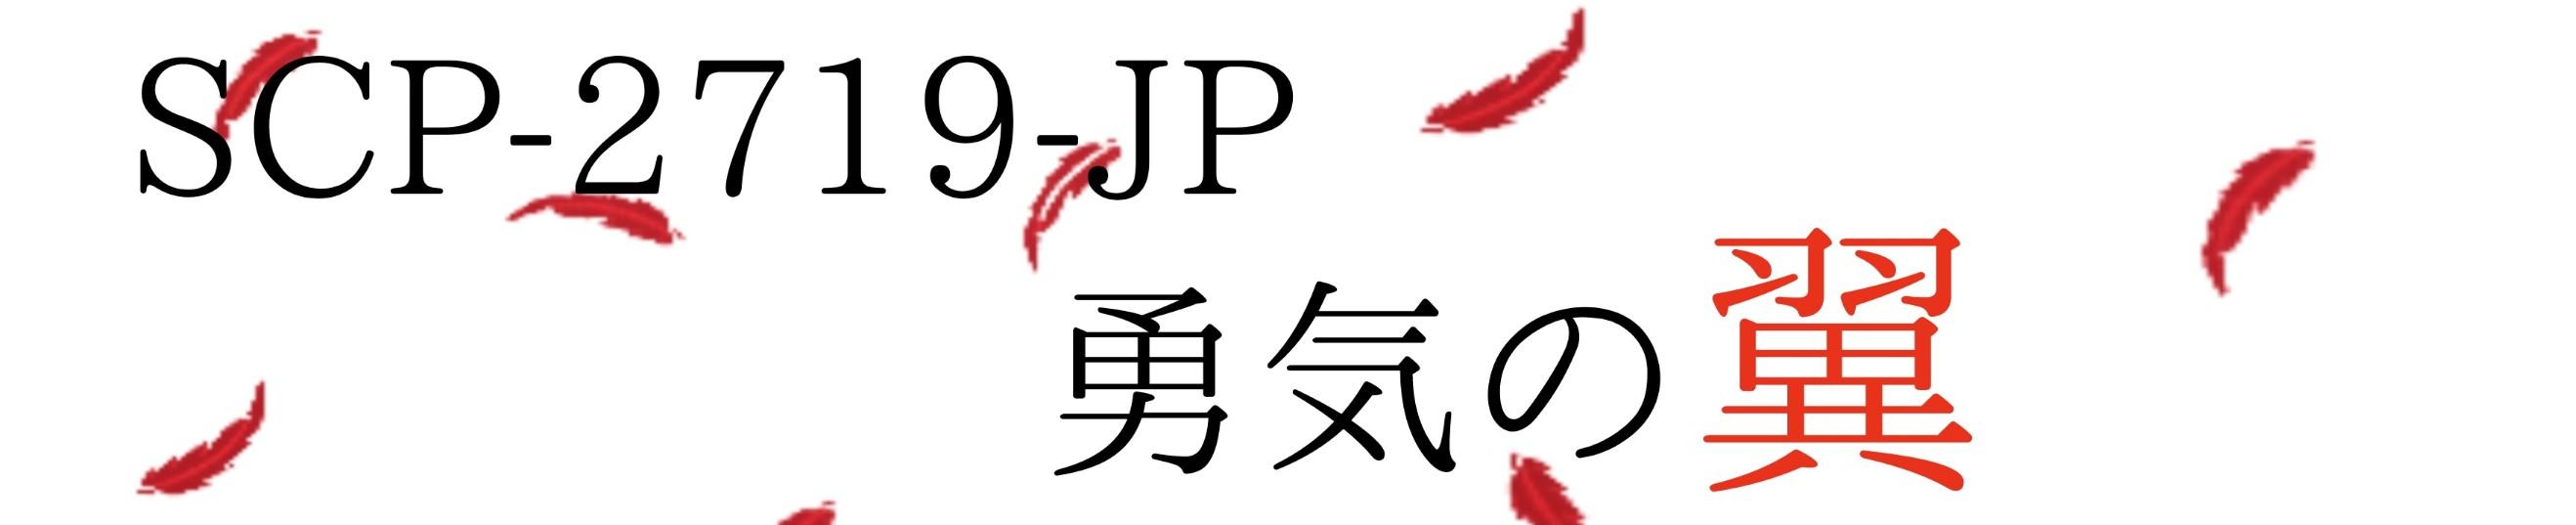 SCP-2719-JP%E3%83%90%E3%83%8A%E3%83%BC%E3%83%AA%E3%83%B3%E3%82%AF